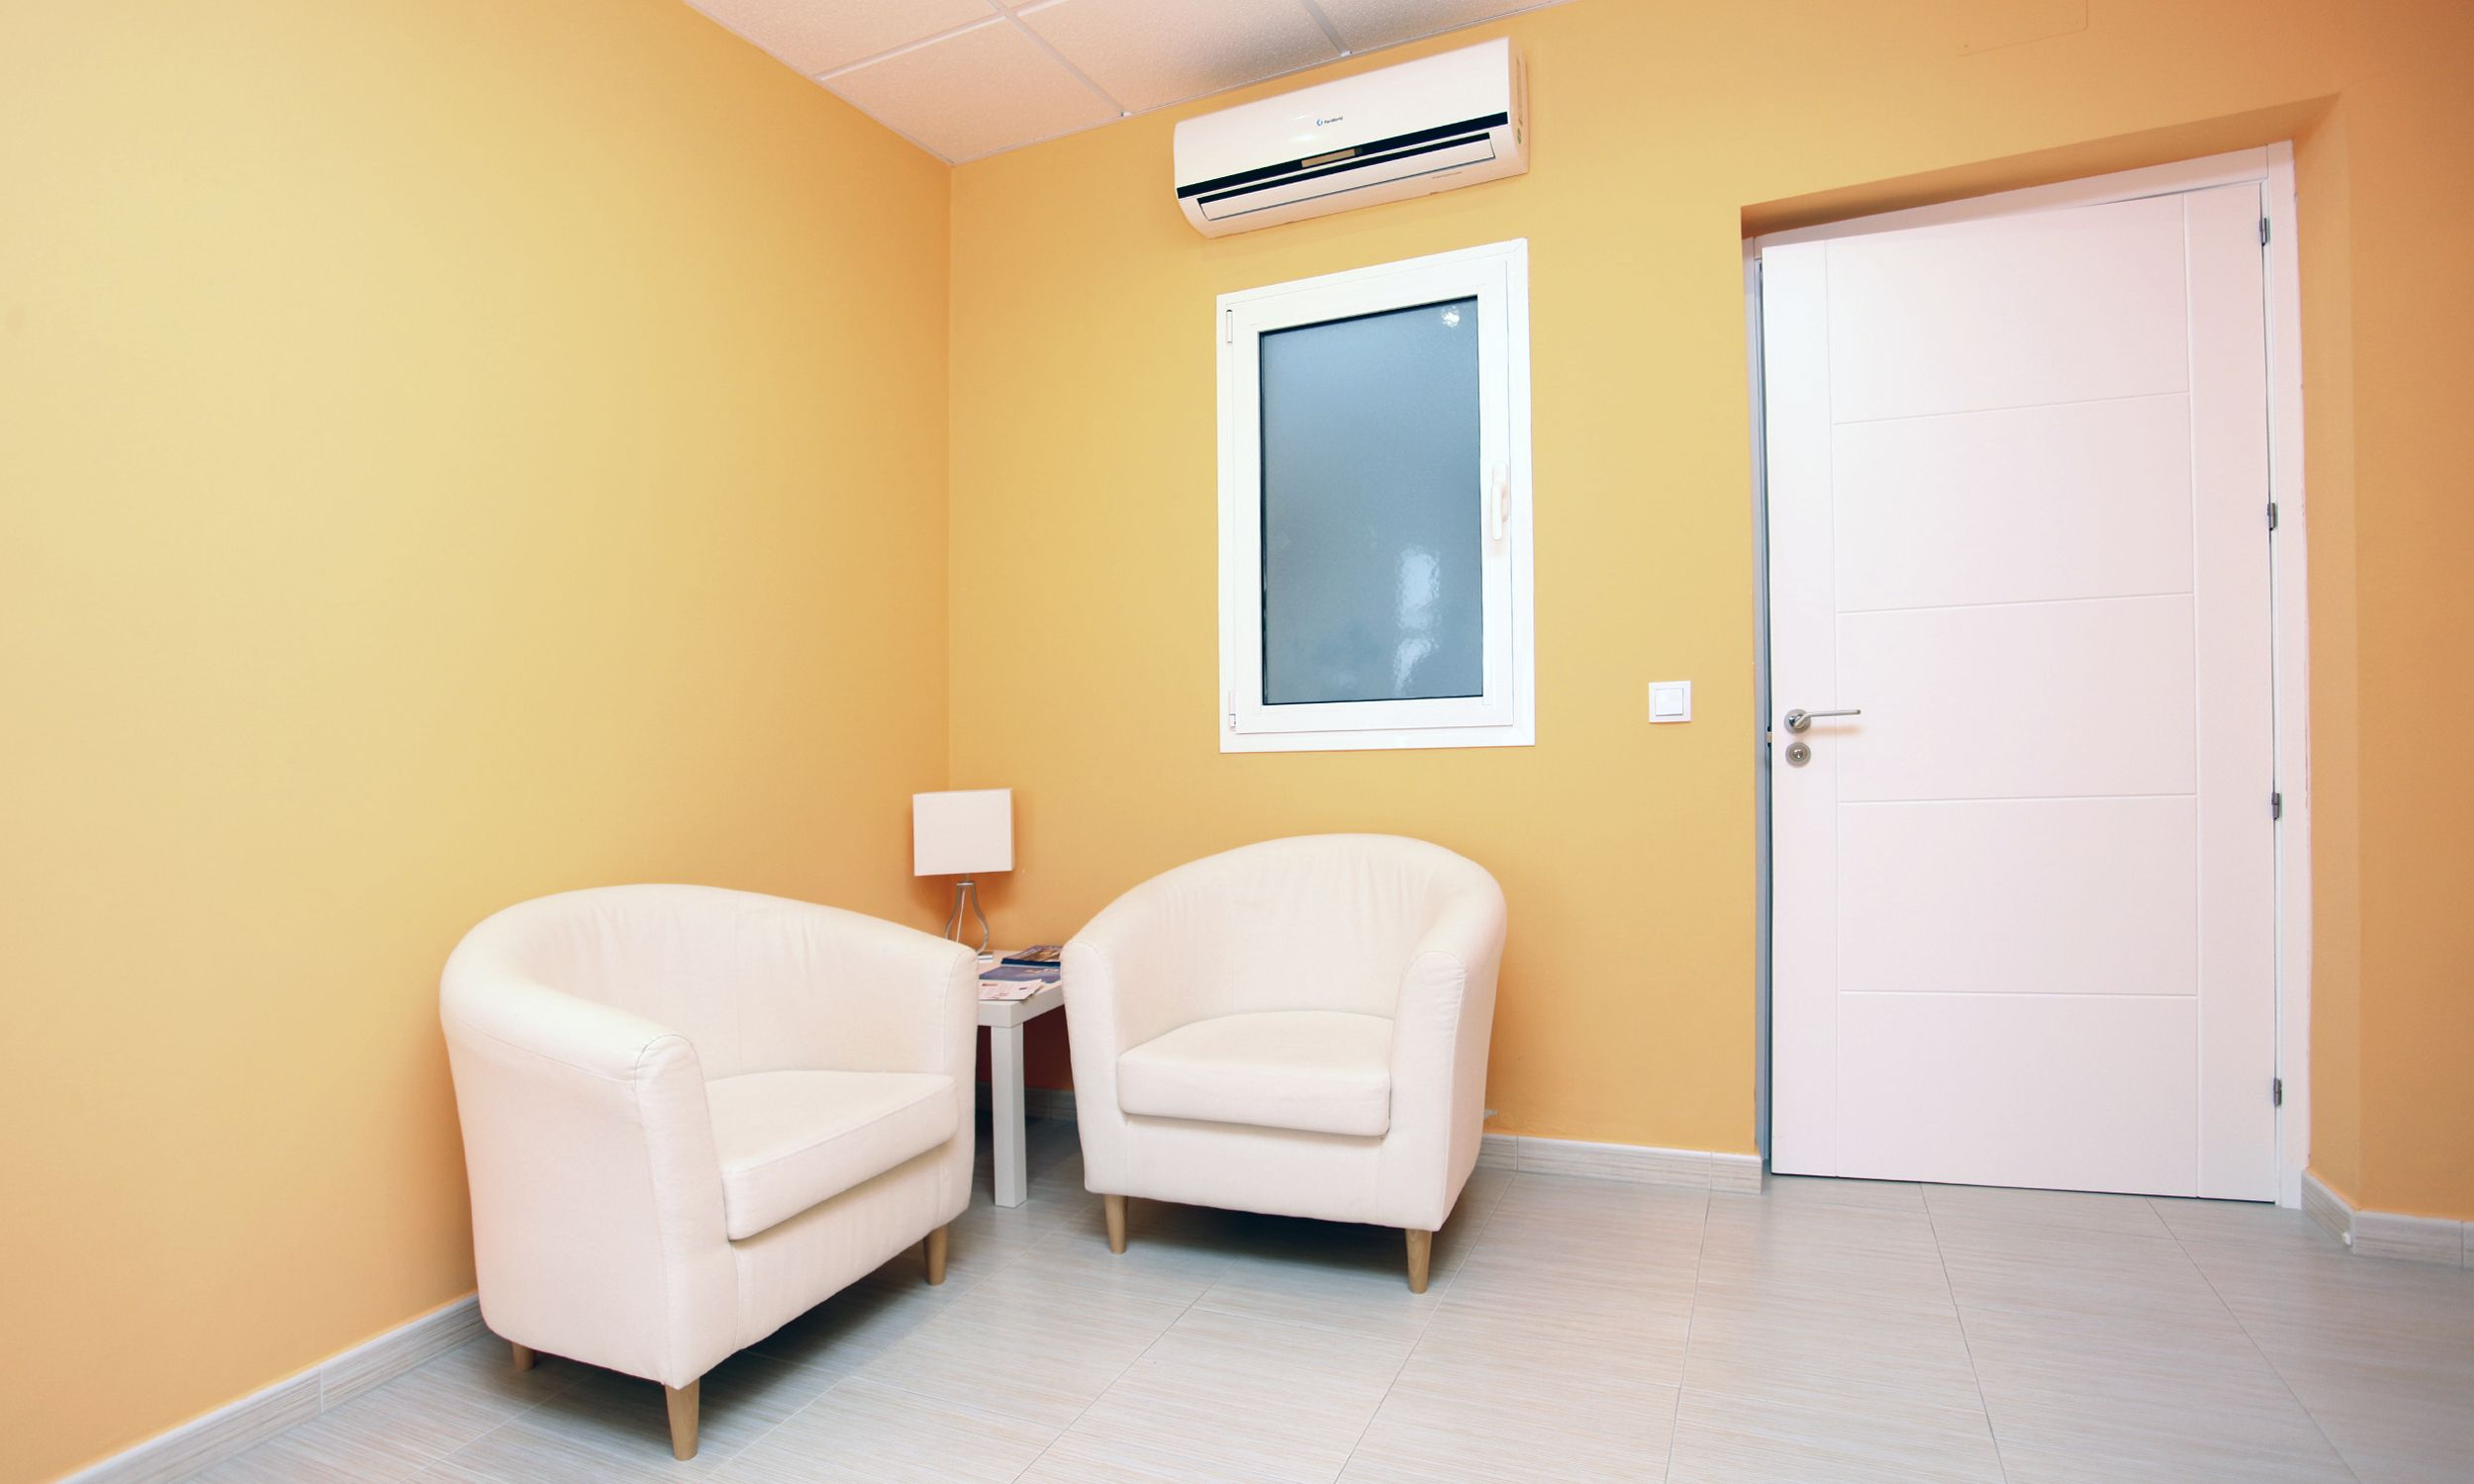 Fisioterapia pediátrica en Madridejos